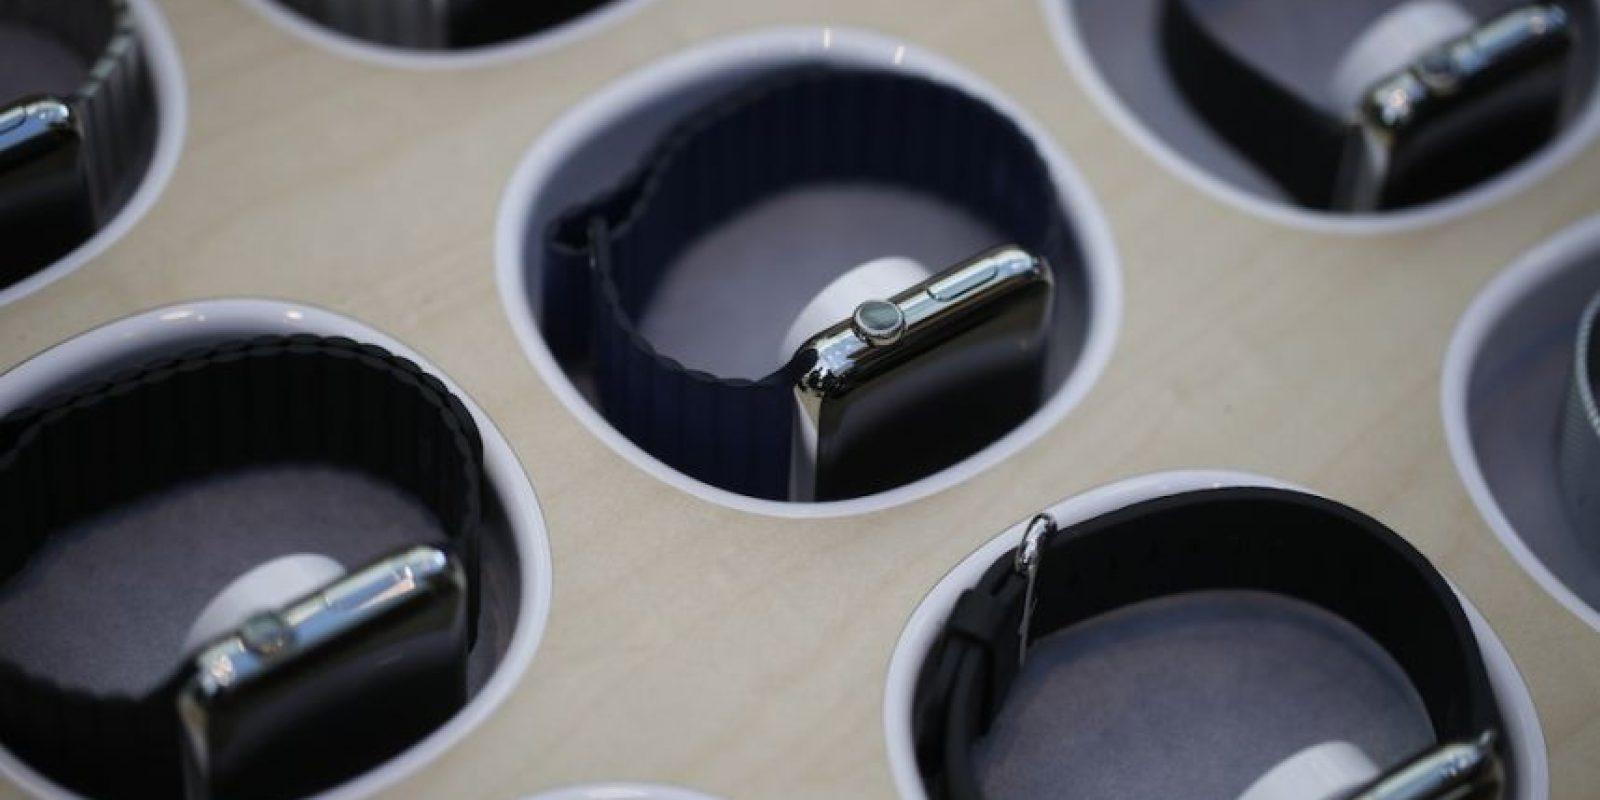 El reloj se puede probar en las tiendas. Foto:Getty Images